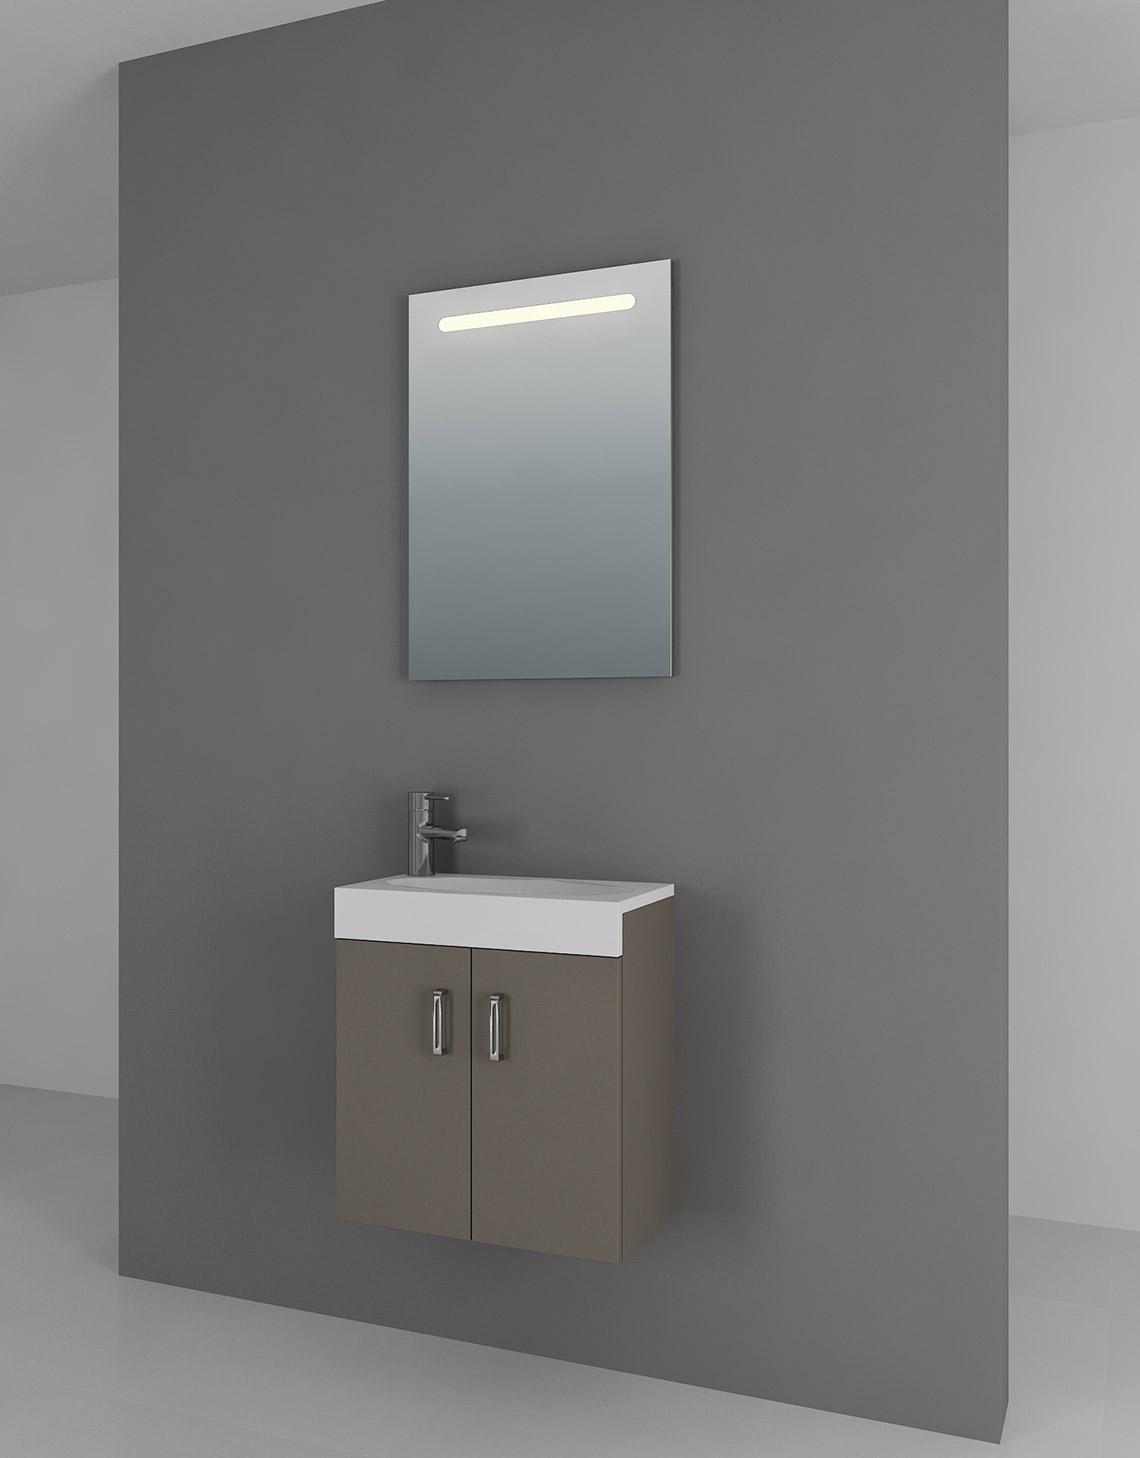 icaro-mueble-baño-fabricante-cuarto-baño-viberco-3 | Viberco